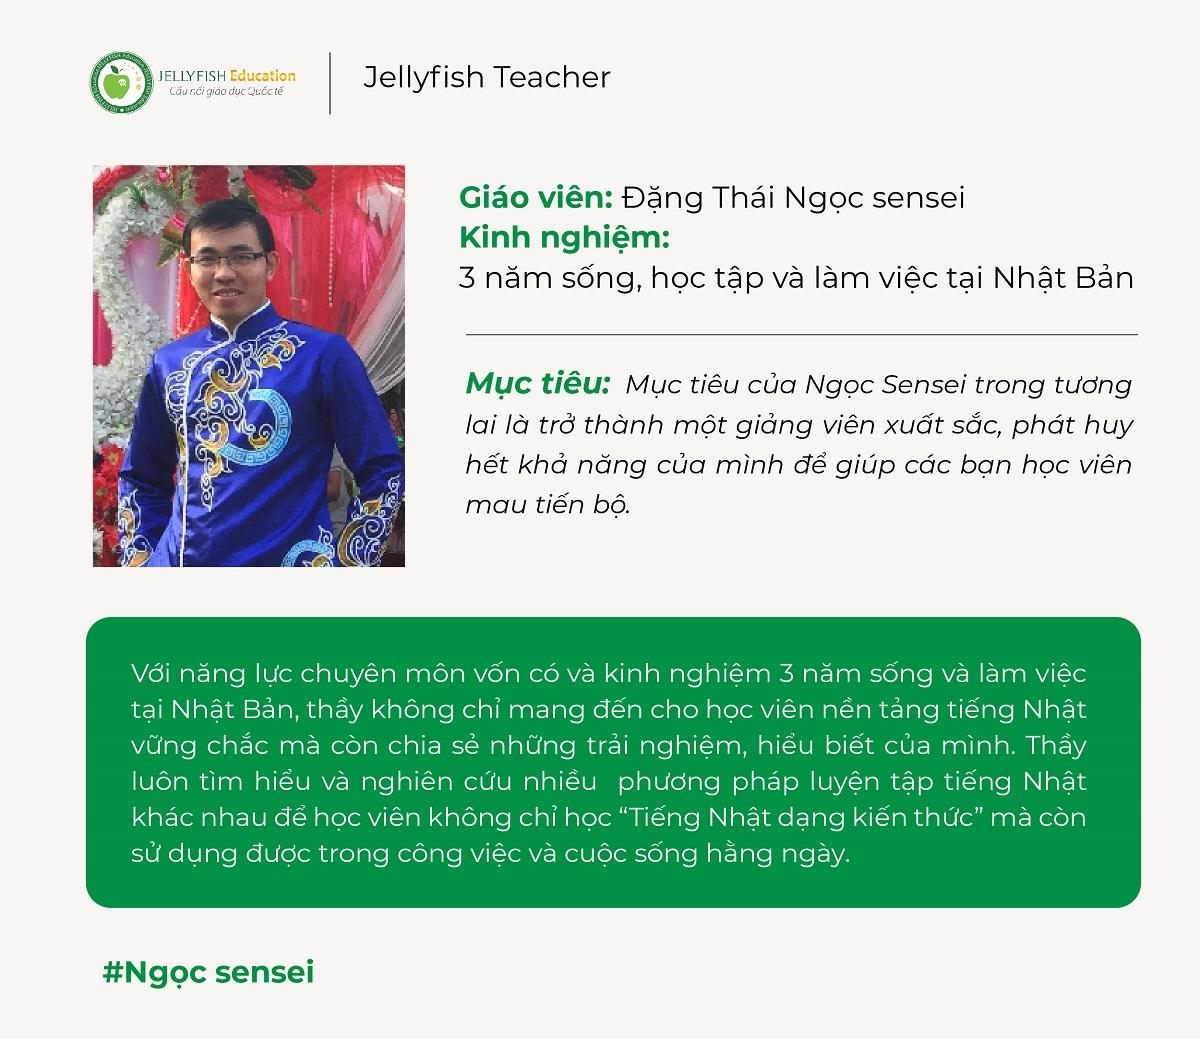 HCM dang thai ngoc